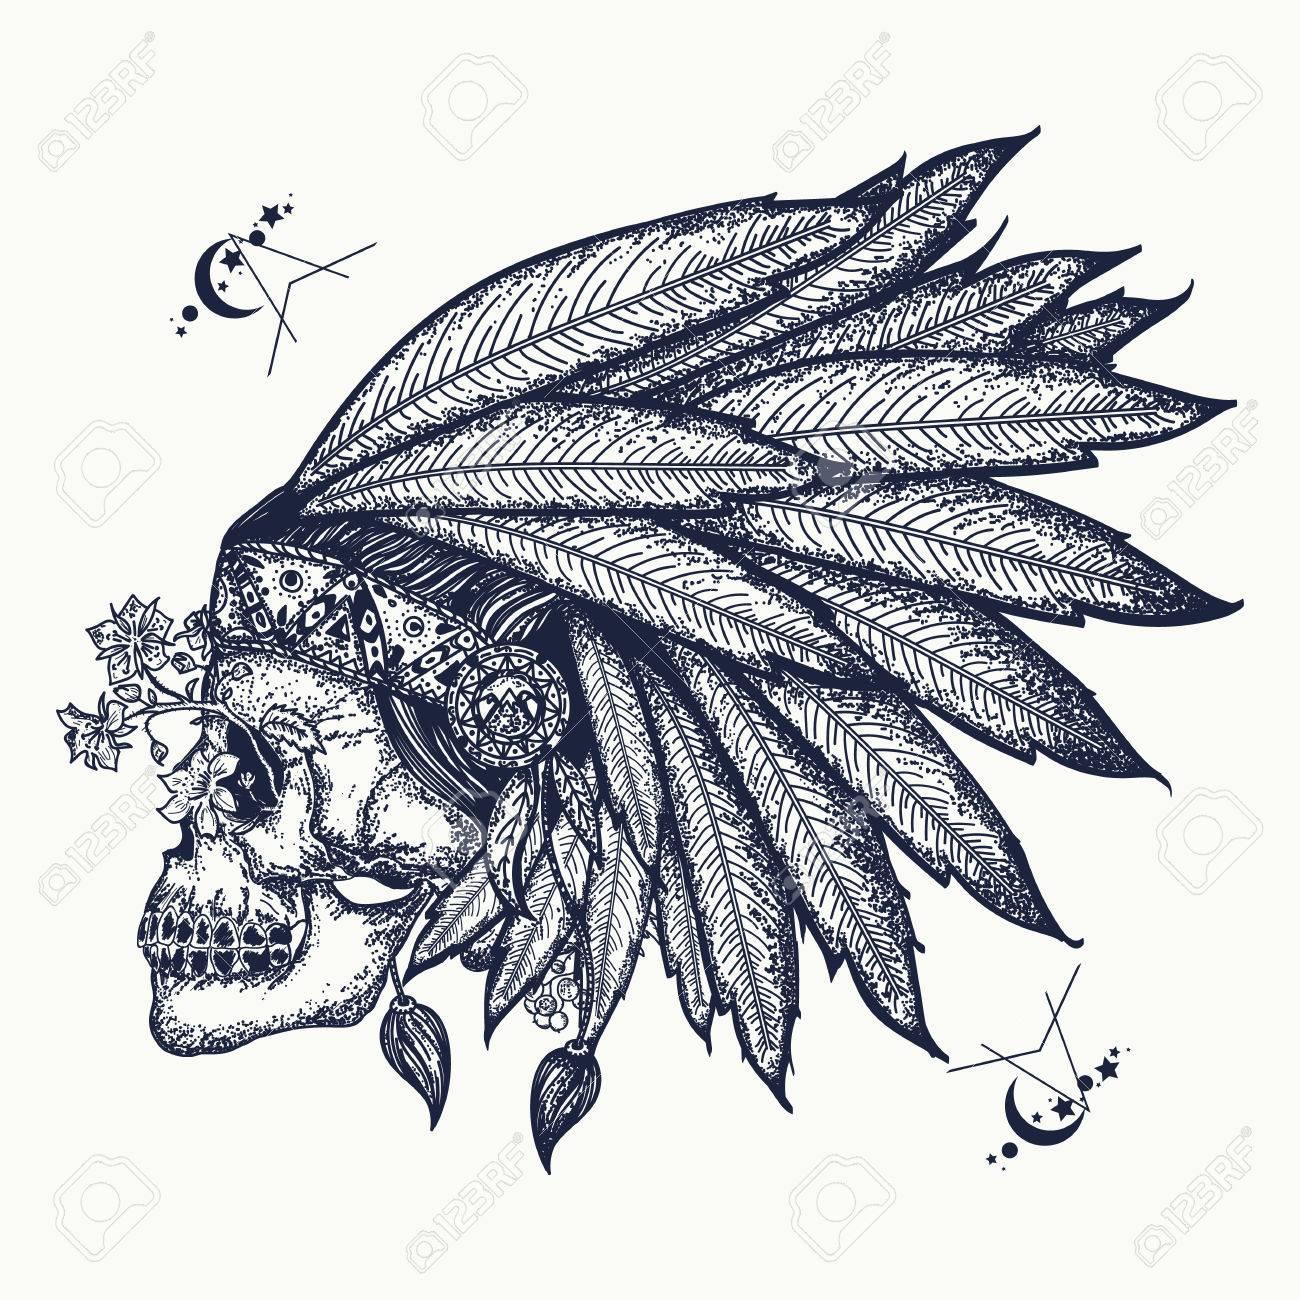 Arte Del Tatuaje Del Cráneo Indio Símbolo De Guerrero Nativo